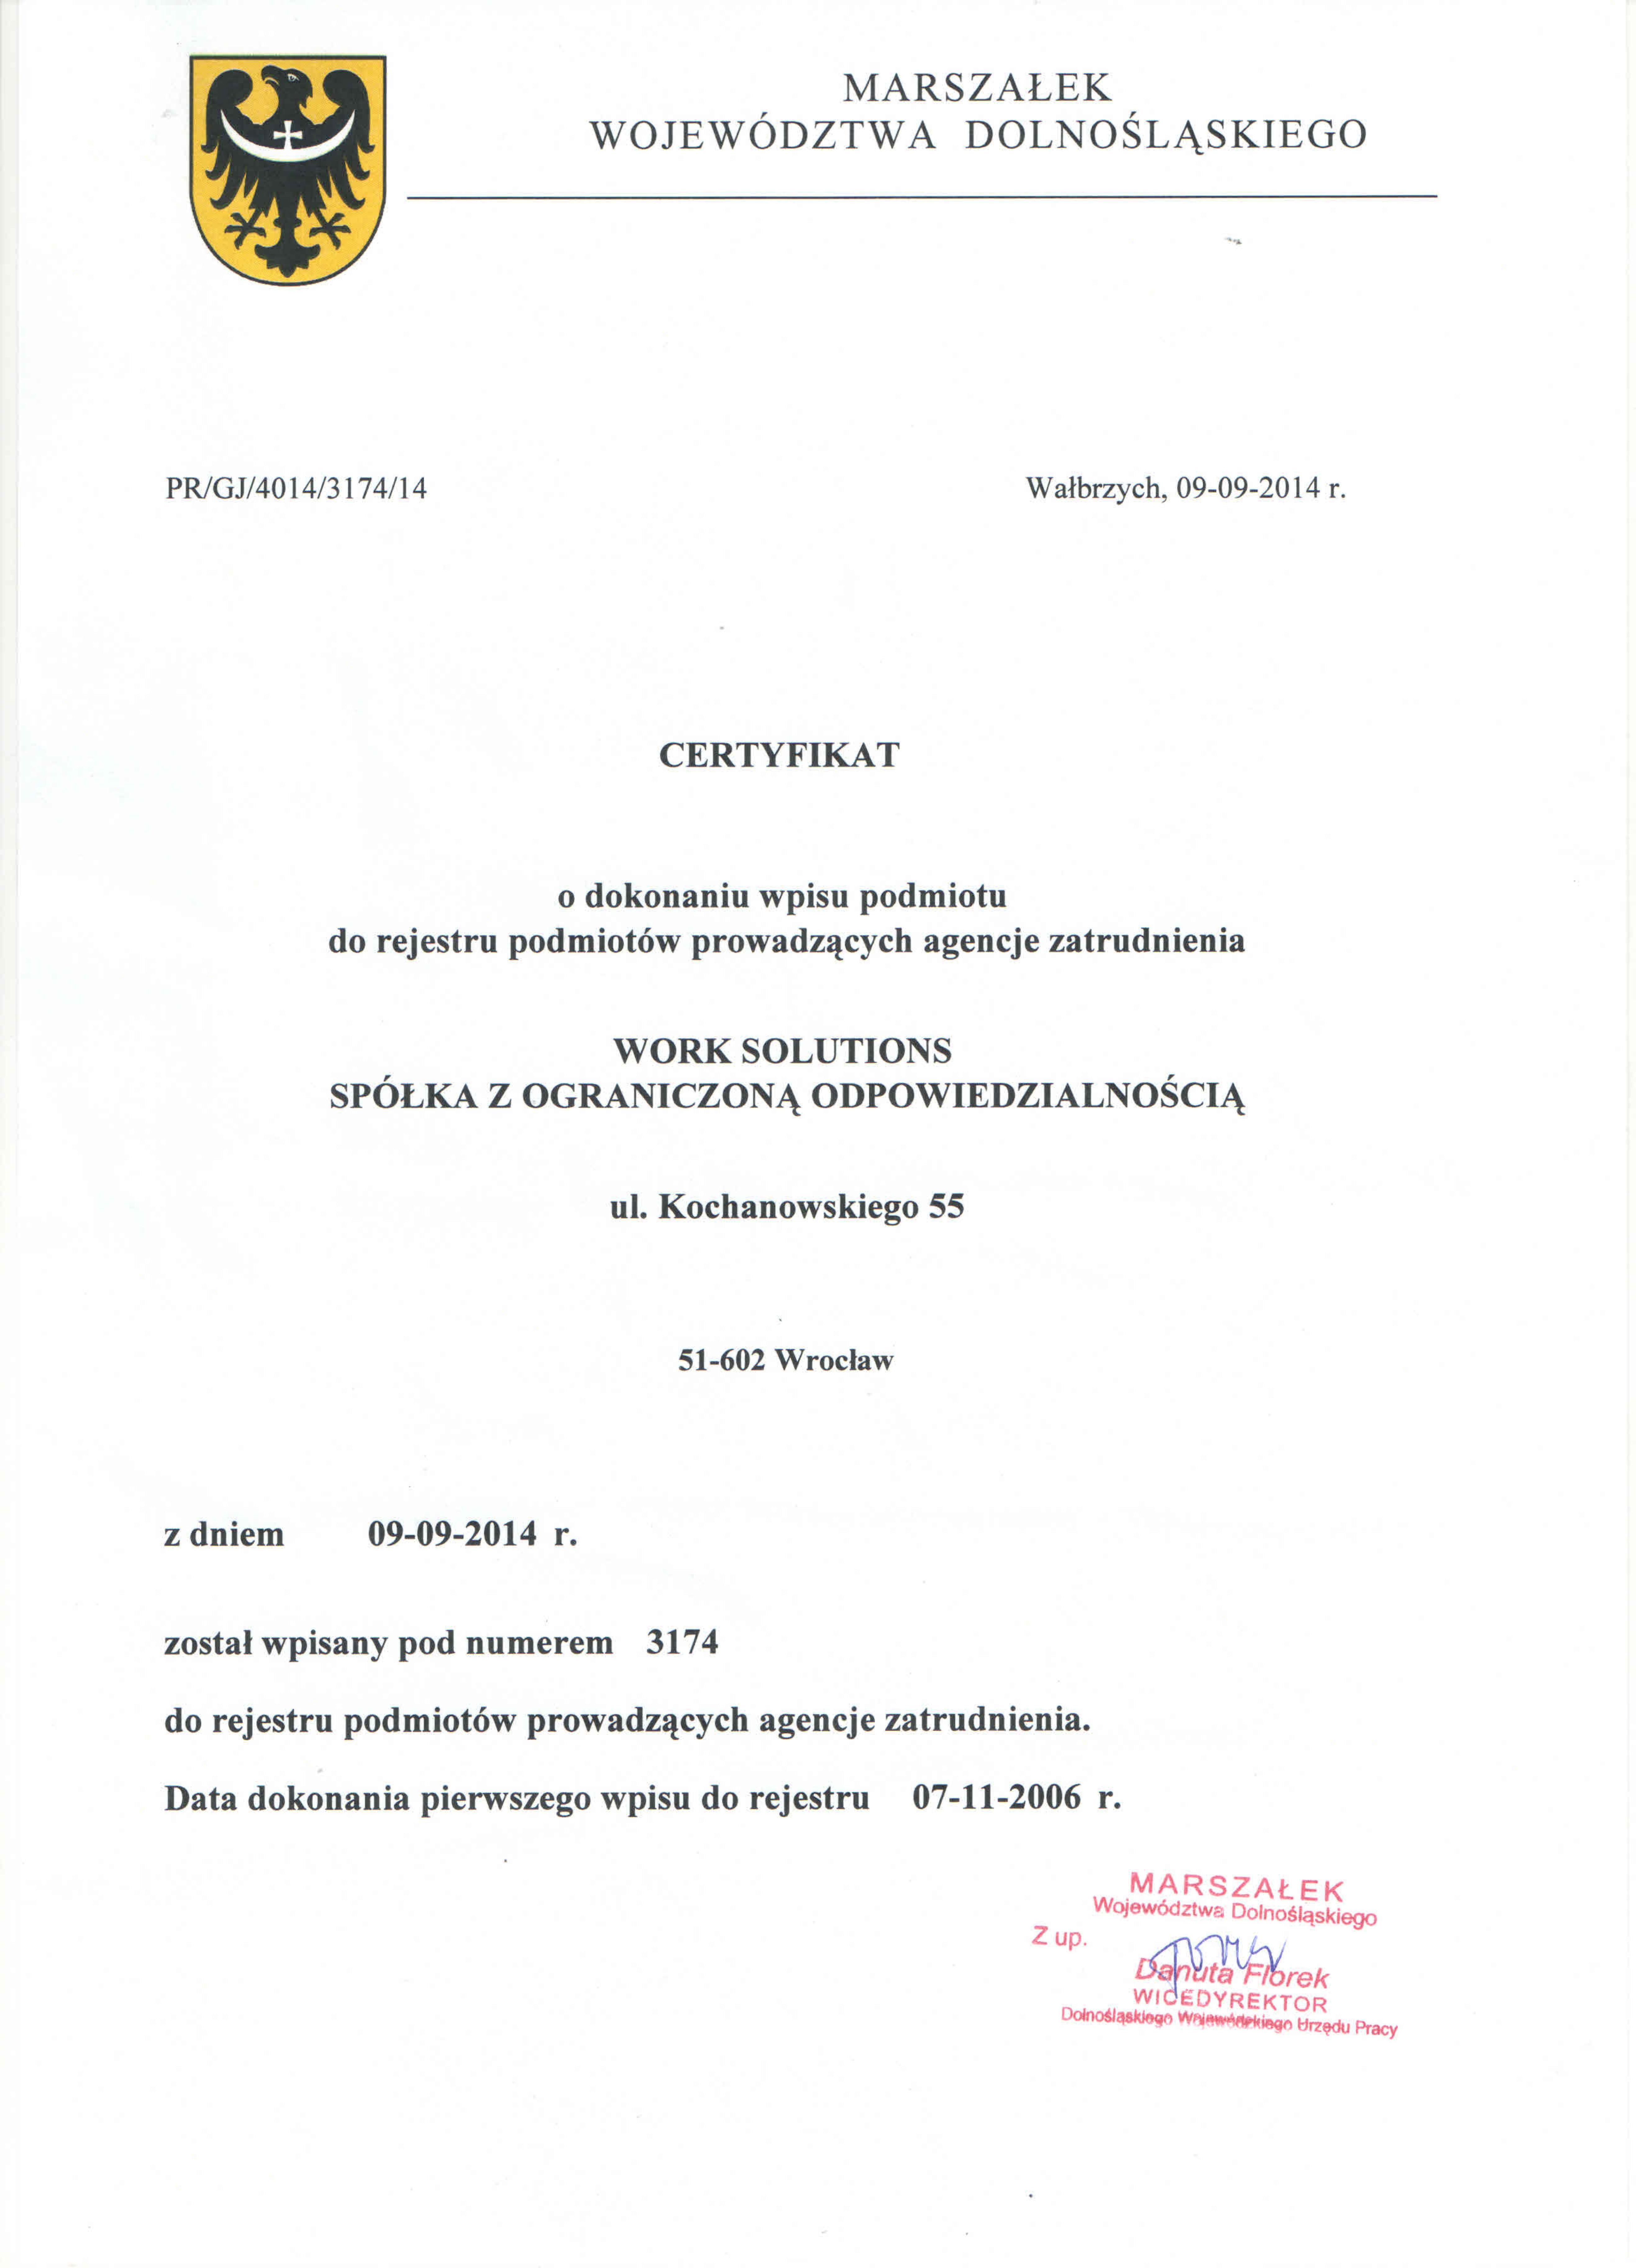 CERTYFIAKT-Kochanowskiego_01